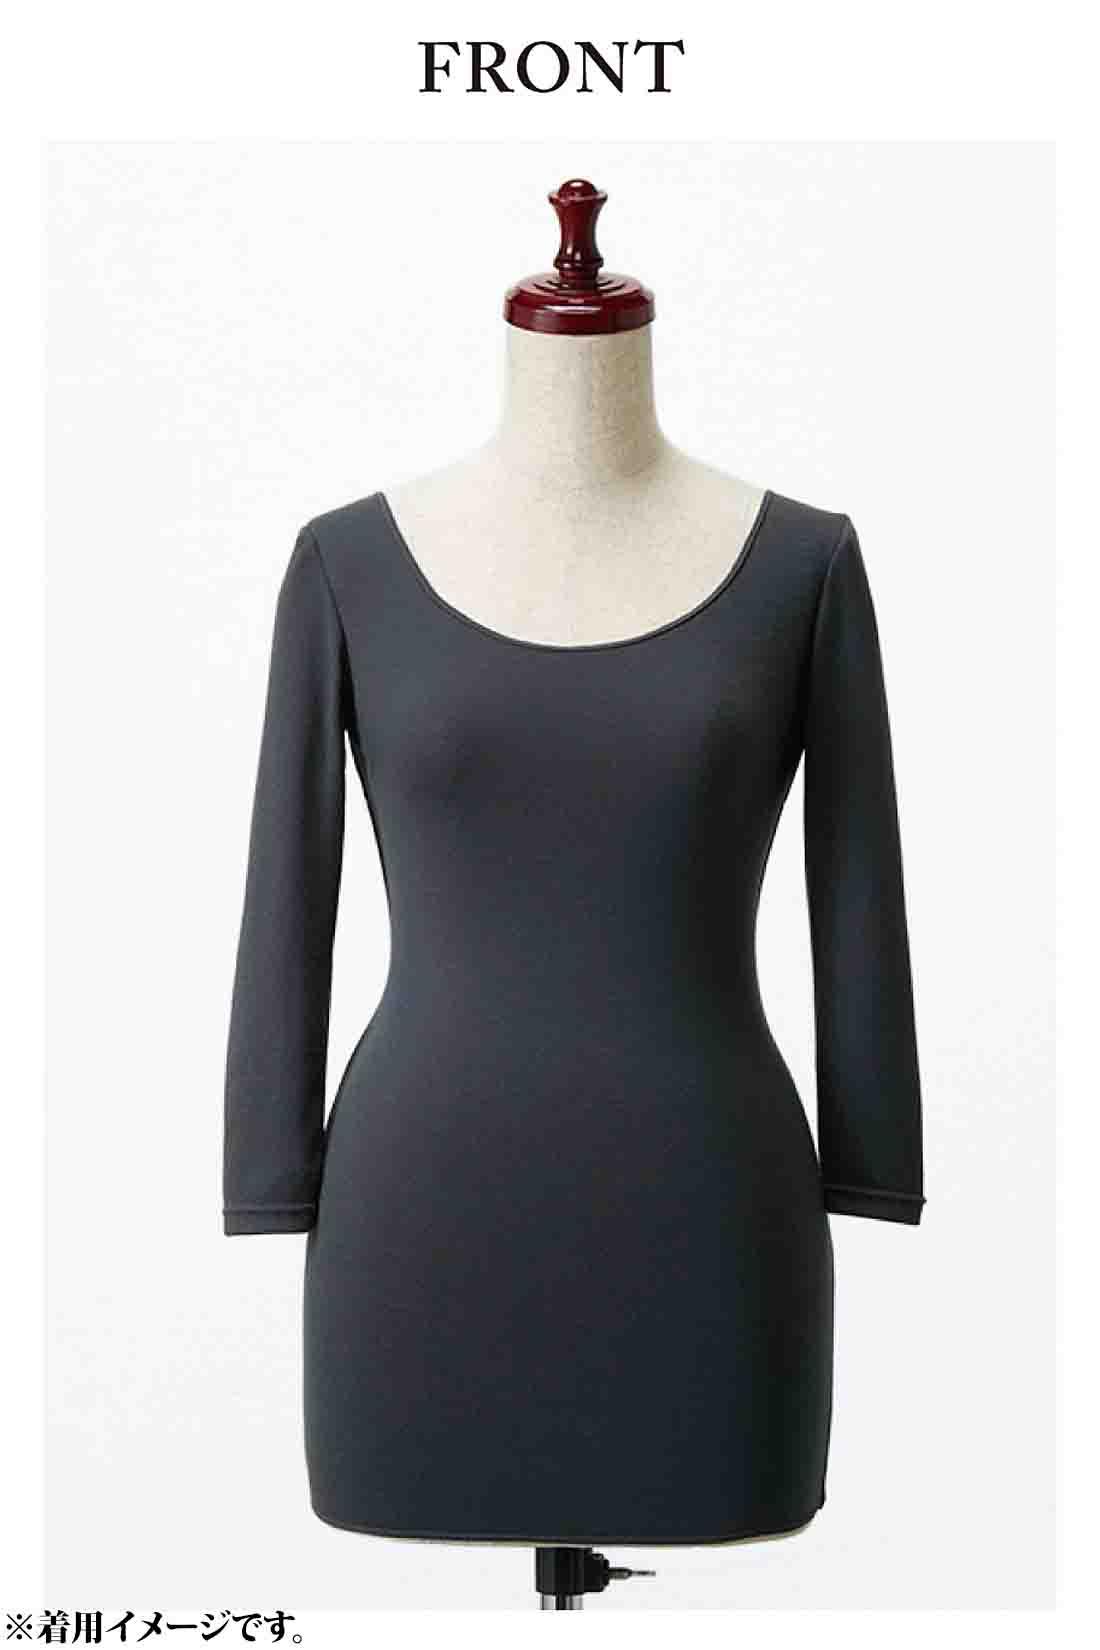 大きく開いた衿ぐり 冬でもデコルテ美人 重ね着してももたつかない、すっきり仕立ての八分袖も◎。